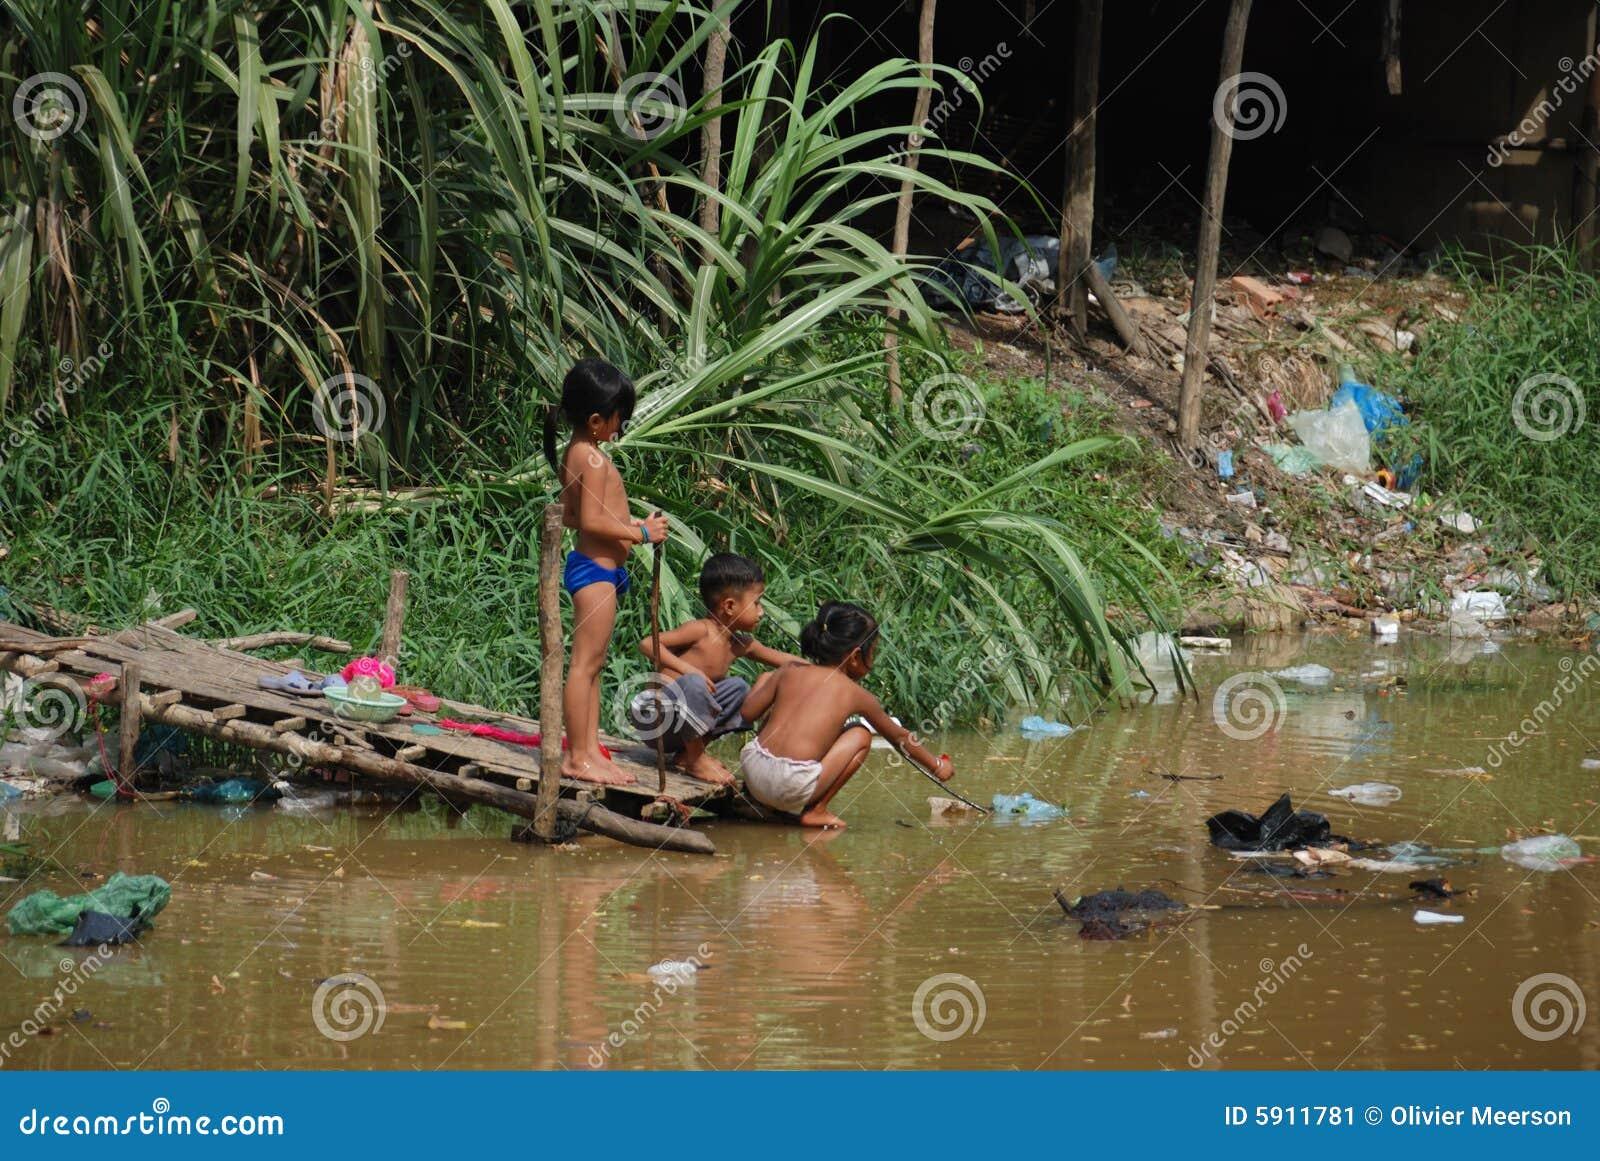 Download 演奏污染的子项 编辑类照片. 图片 包括有 本质, 使用, 困难, 热带, 毒物, 聚会所, 问题, 柬埔寨 - 5911781